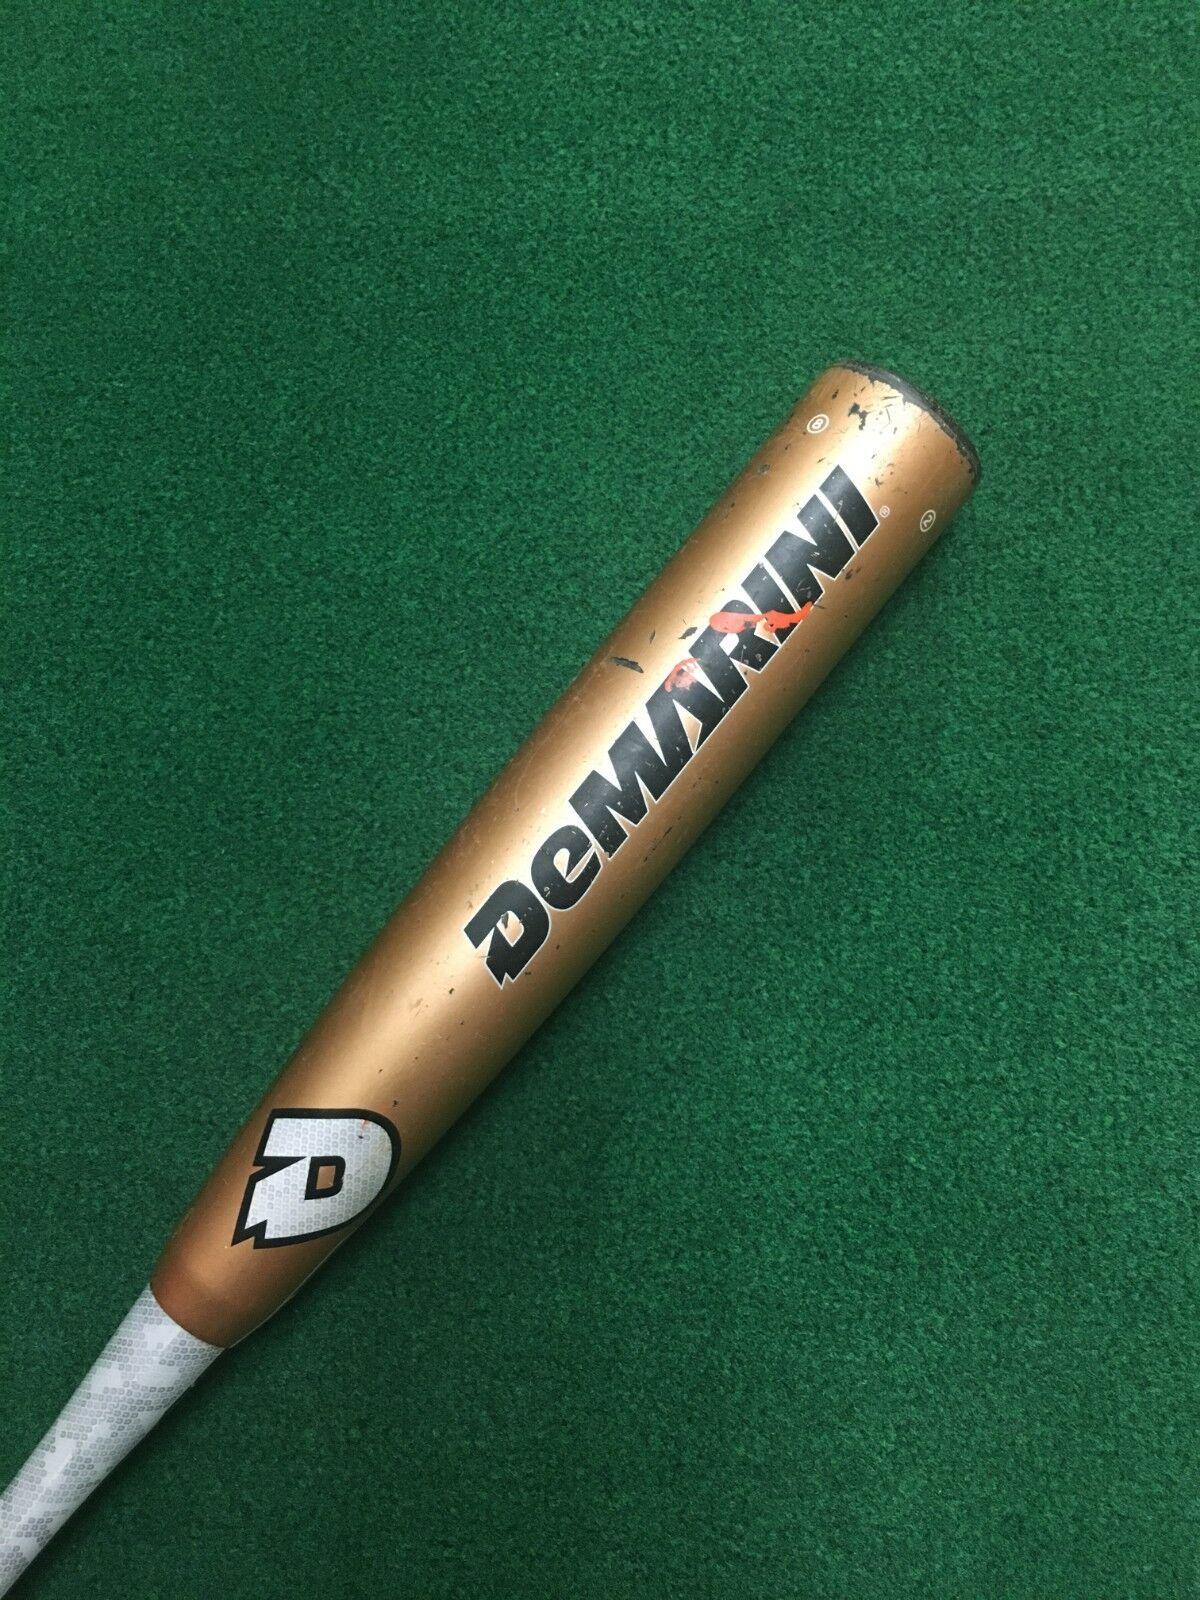 Demarini CF4 Negro CFR10 Pitchnegro Plus bate de béisbol 31 23 gota (-8) 31  23oz